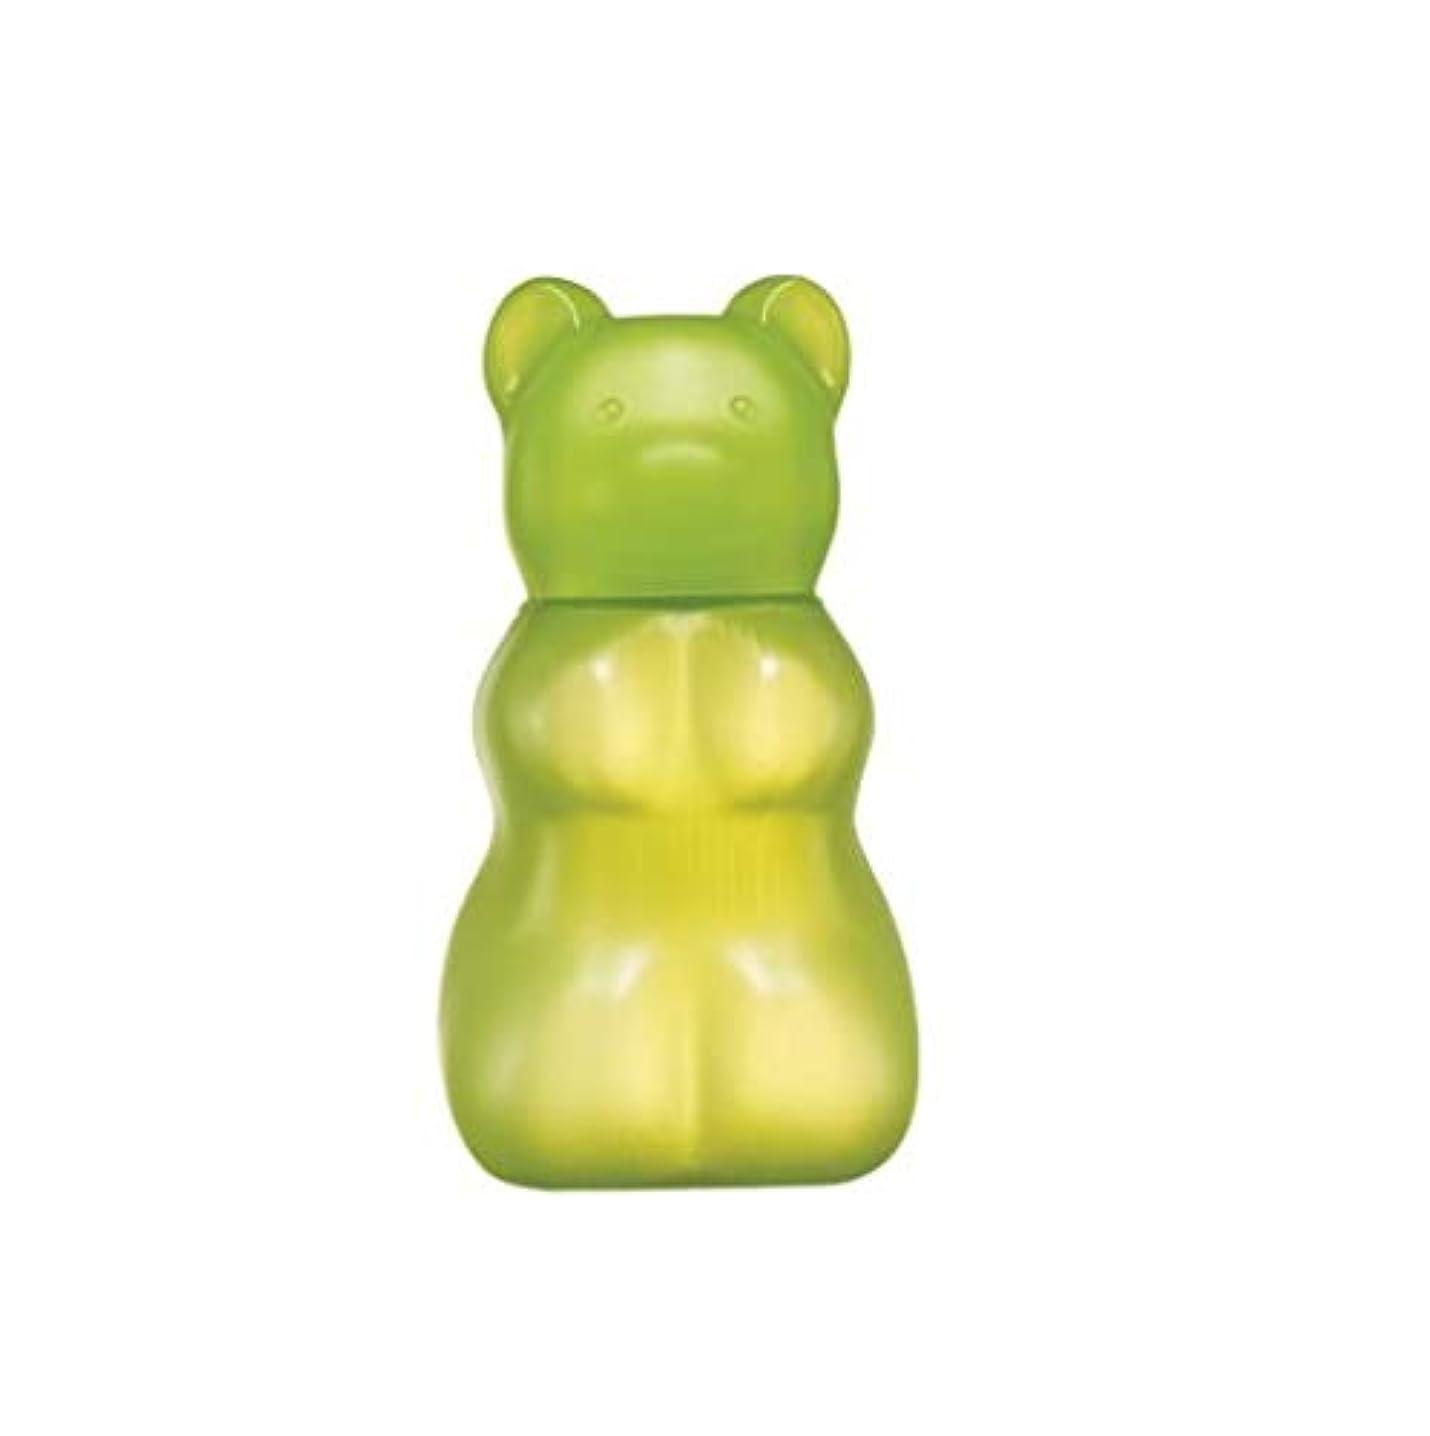 乱すタイトつかまえるSkinfood グミベアゼリークリーンジェル(アップル)#キーウィ(ハンドジェル) / Gummy Bear Jelly Clean Gel (Apple) #Kiwi (Hand Gel) 45ml [並行輸入品]